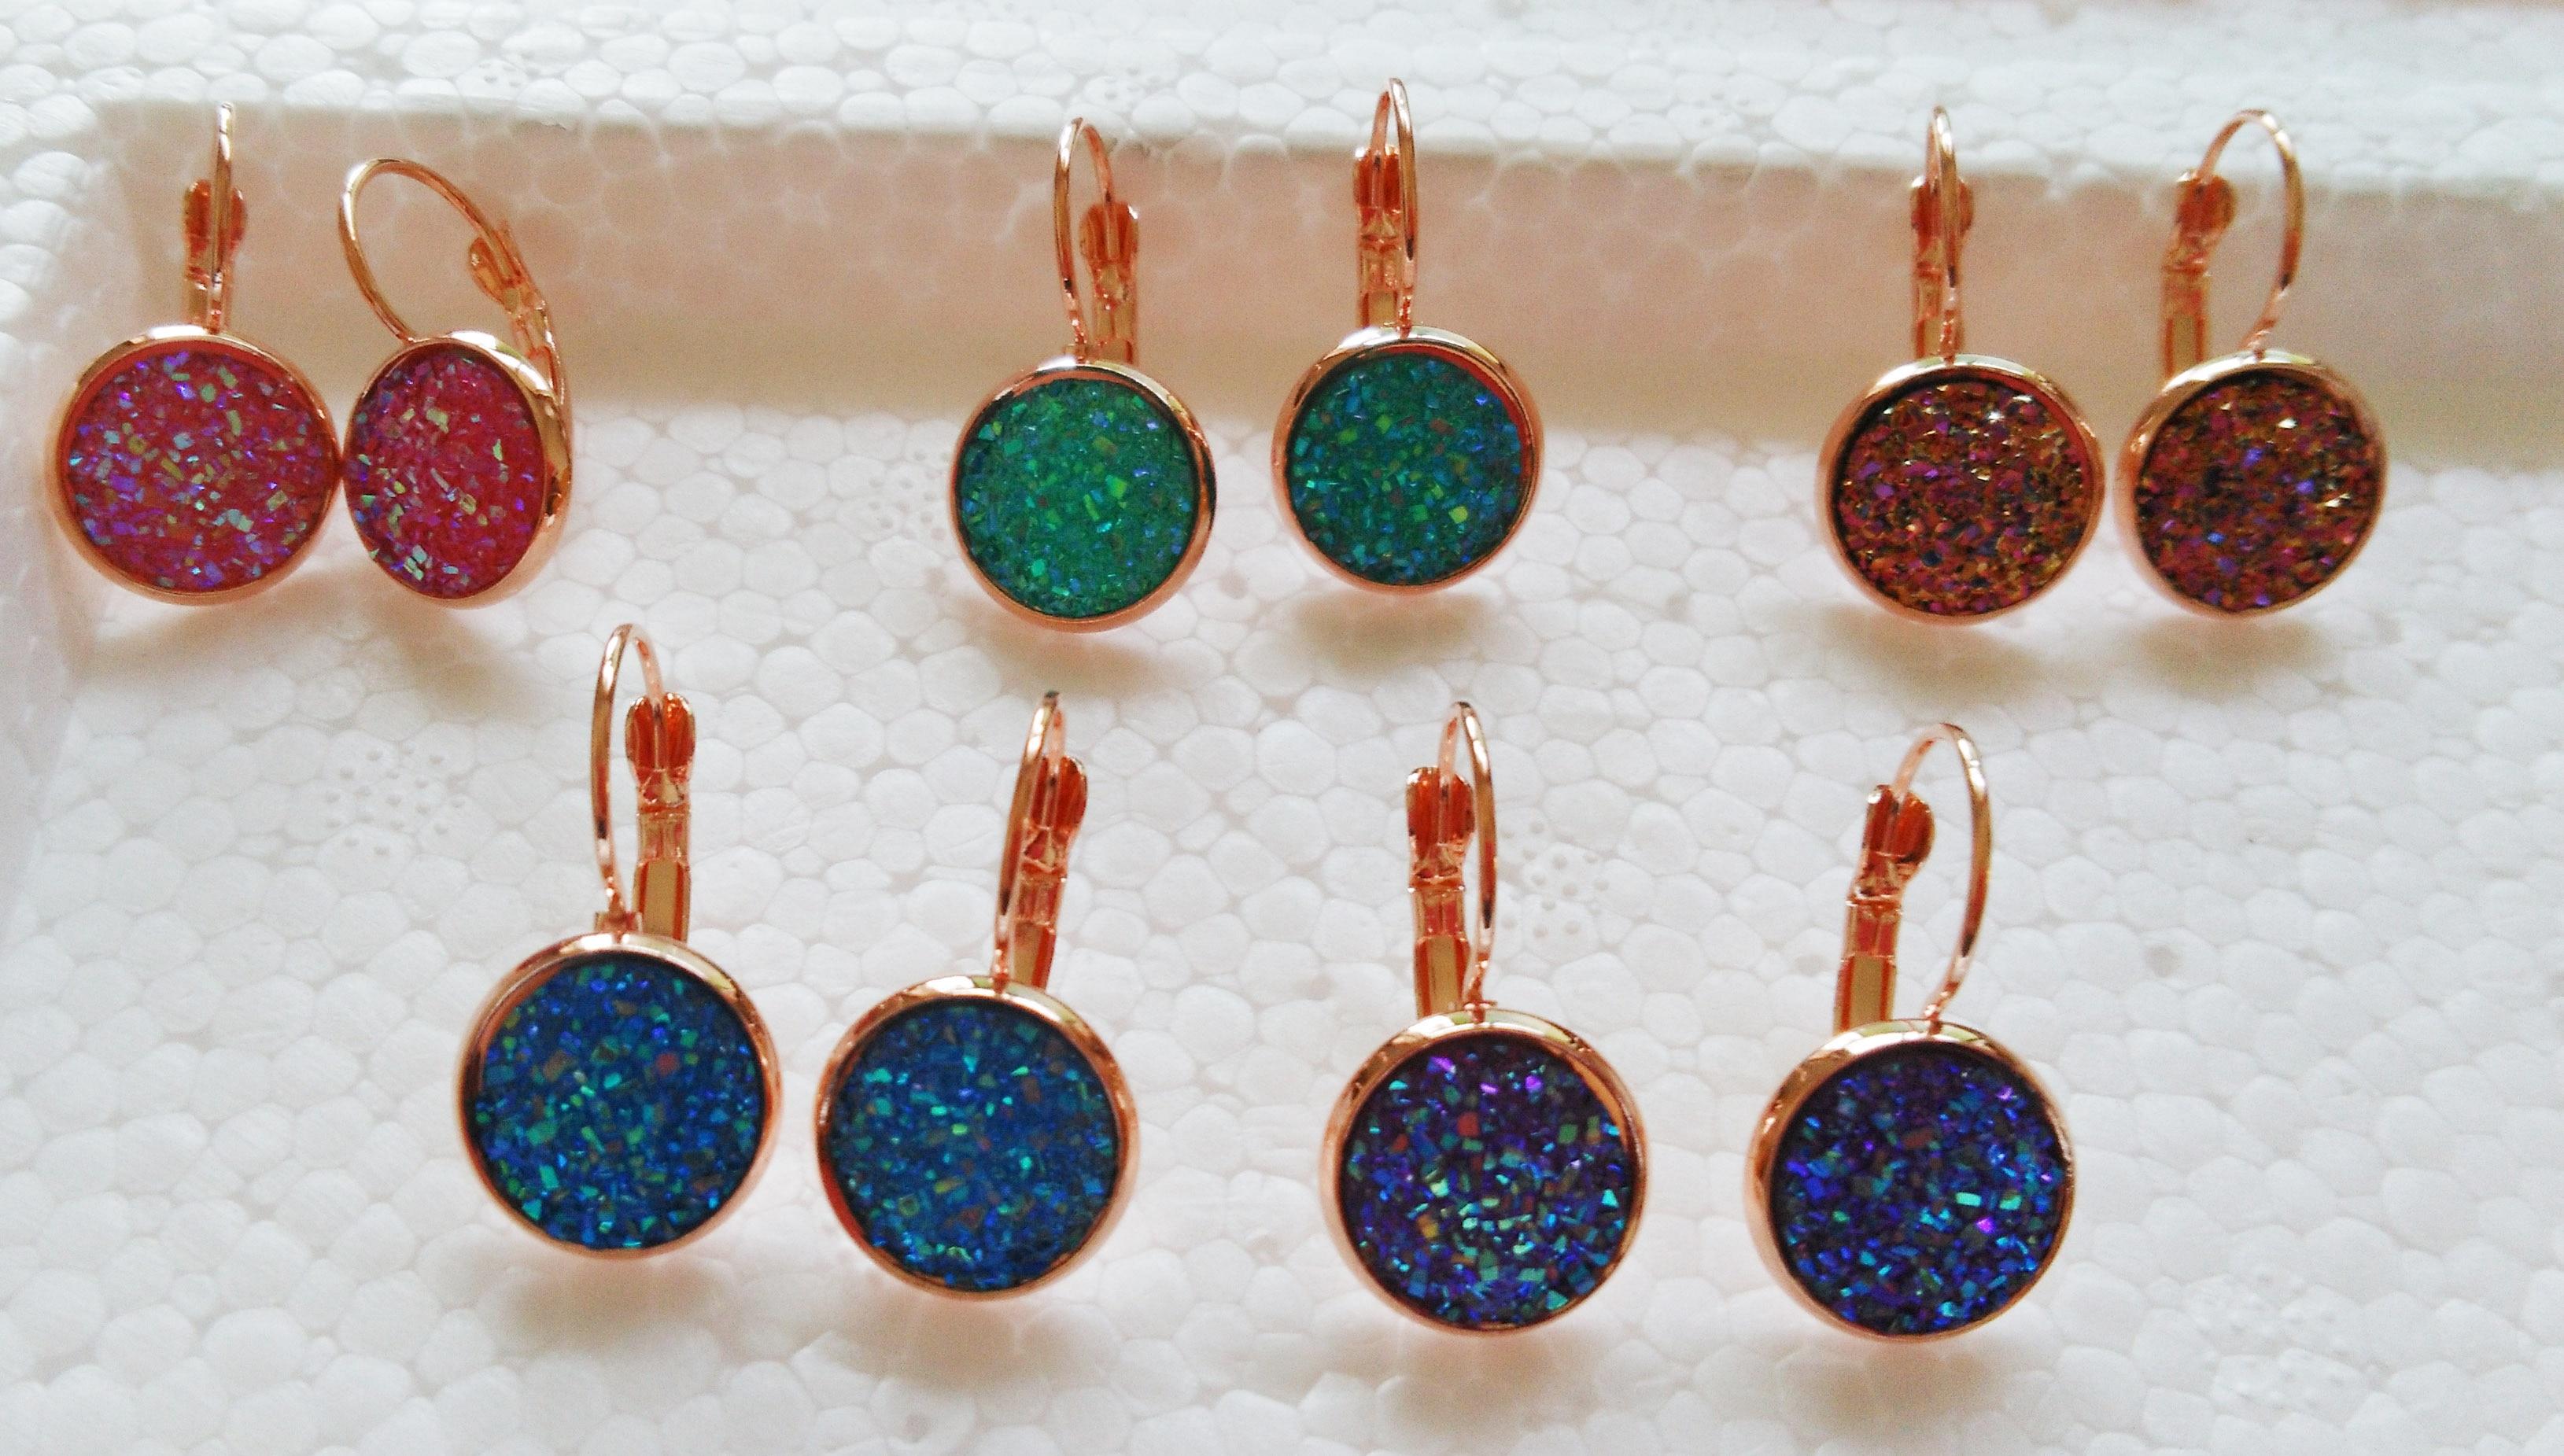 1pair Faux Druzy French Hook Earrings in Rose Gold Setting ,fashion Druzy Earrings, Faux Druzy Stud Earrings For Wedding Gifts